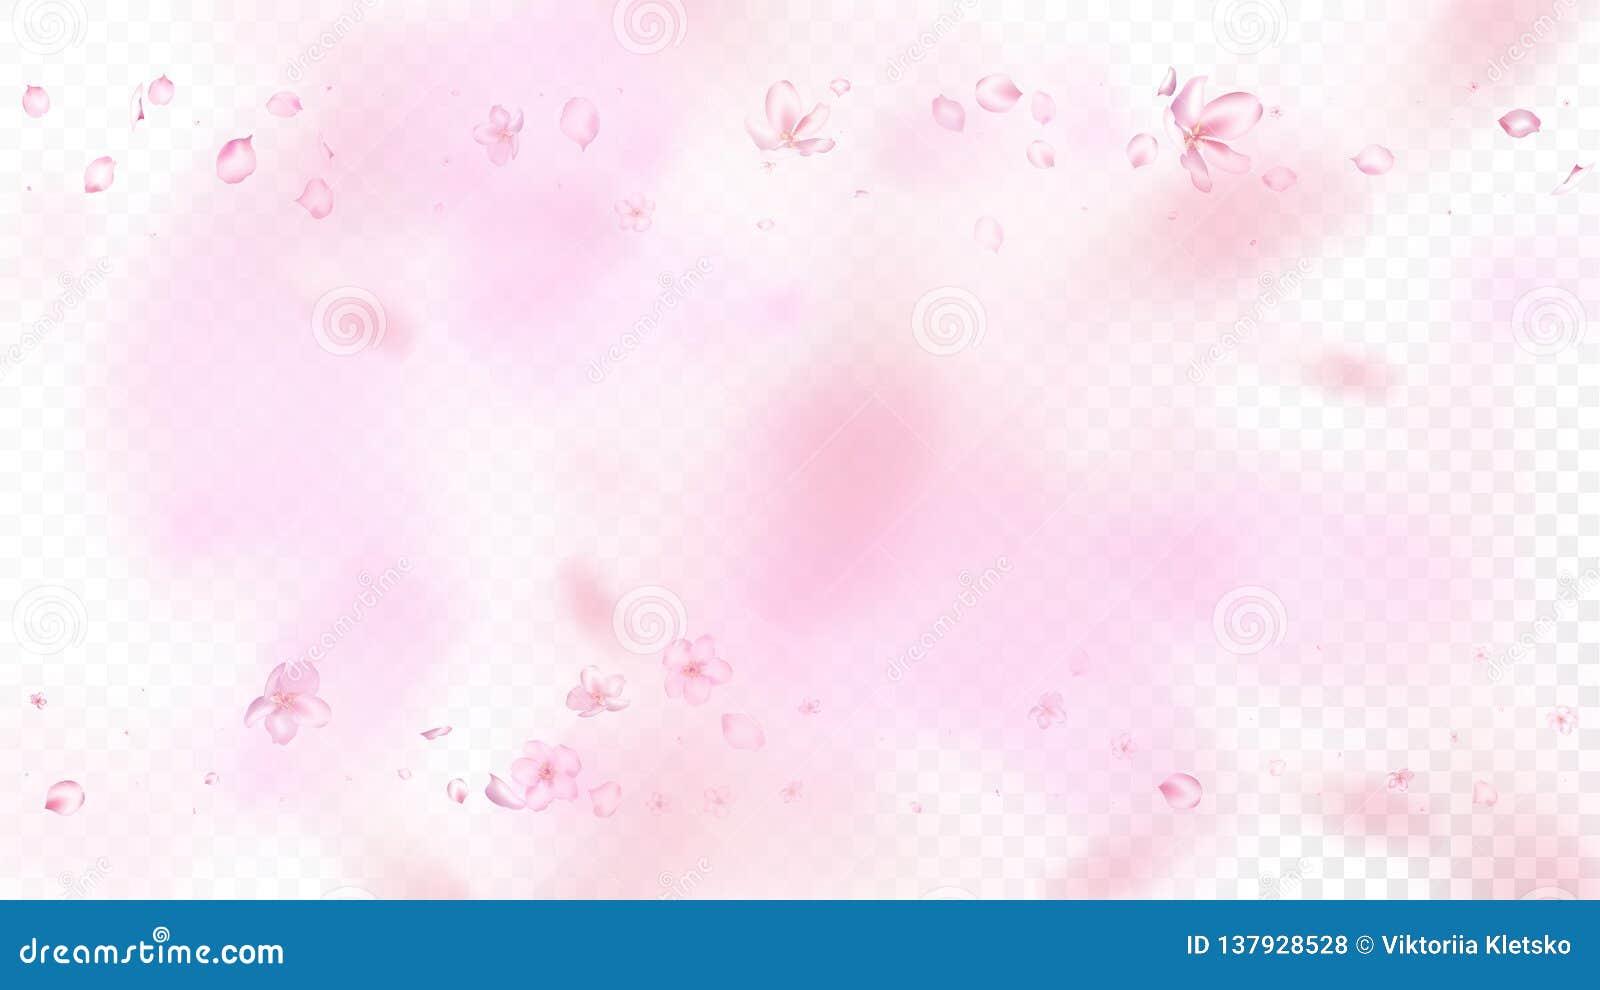 Nette Sakura Blossom Isolated Vector Magische fallende Blumenblätter 3d, die Beschaffenheit heiraten Japanische unscharfe Blumen-